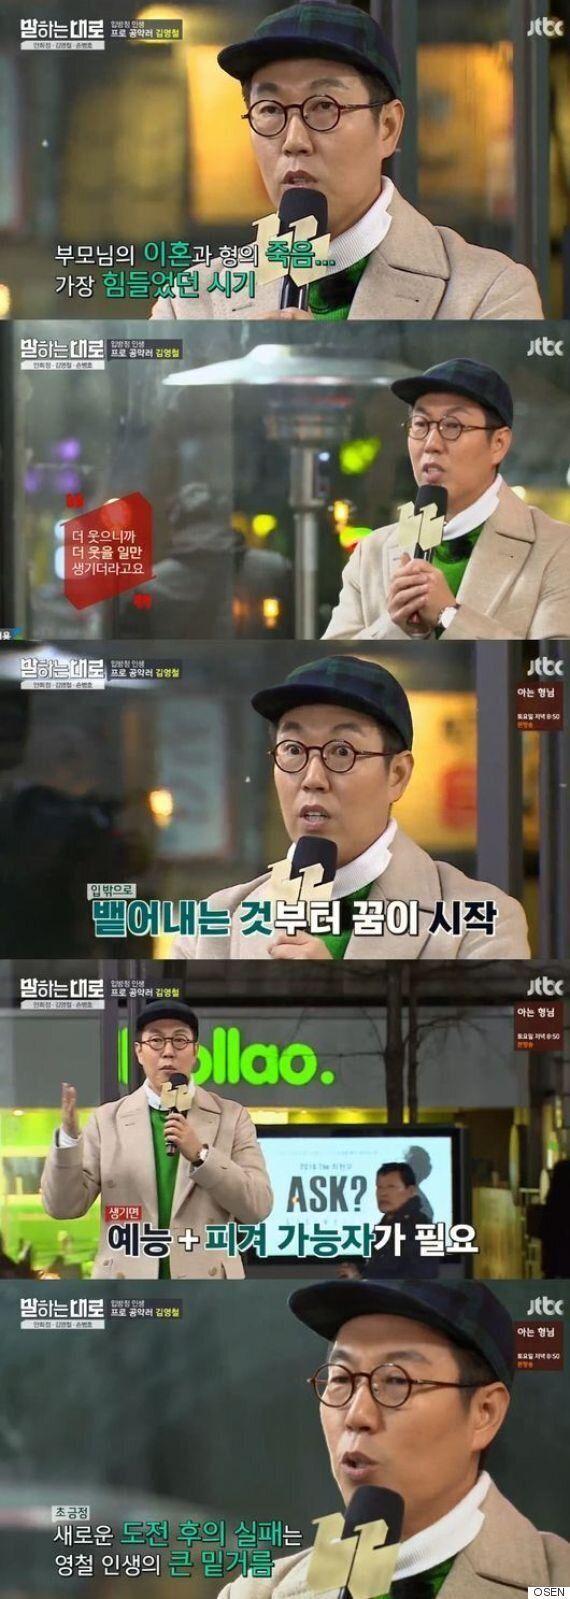 [어저께TV] '말하는대로' 김영철, 입방정 뒤에 감춰진 끝없는 도전과